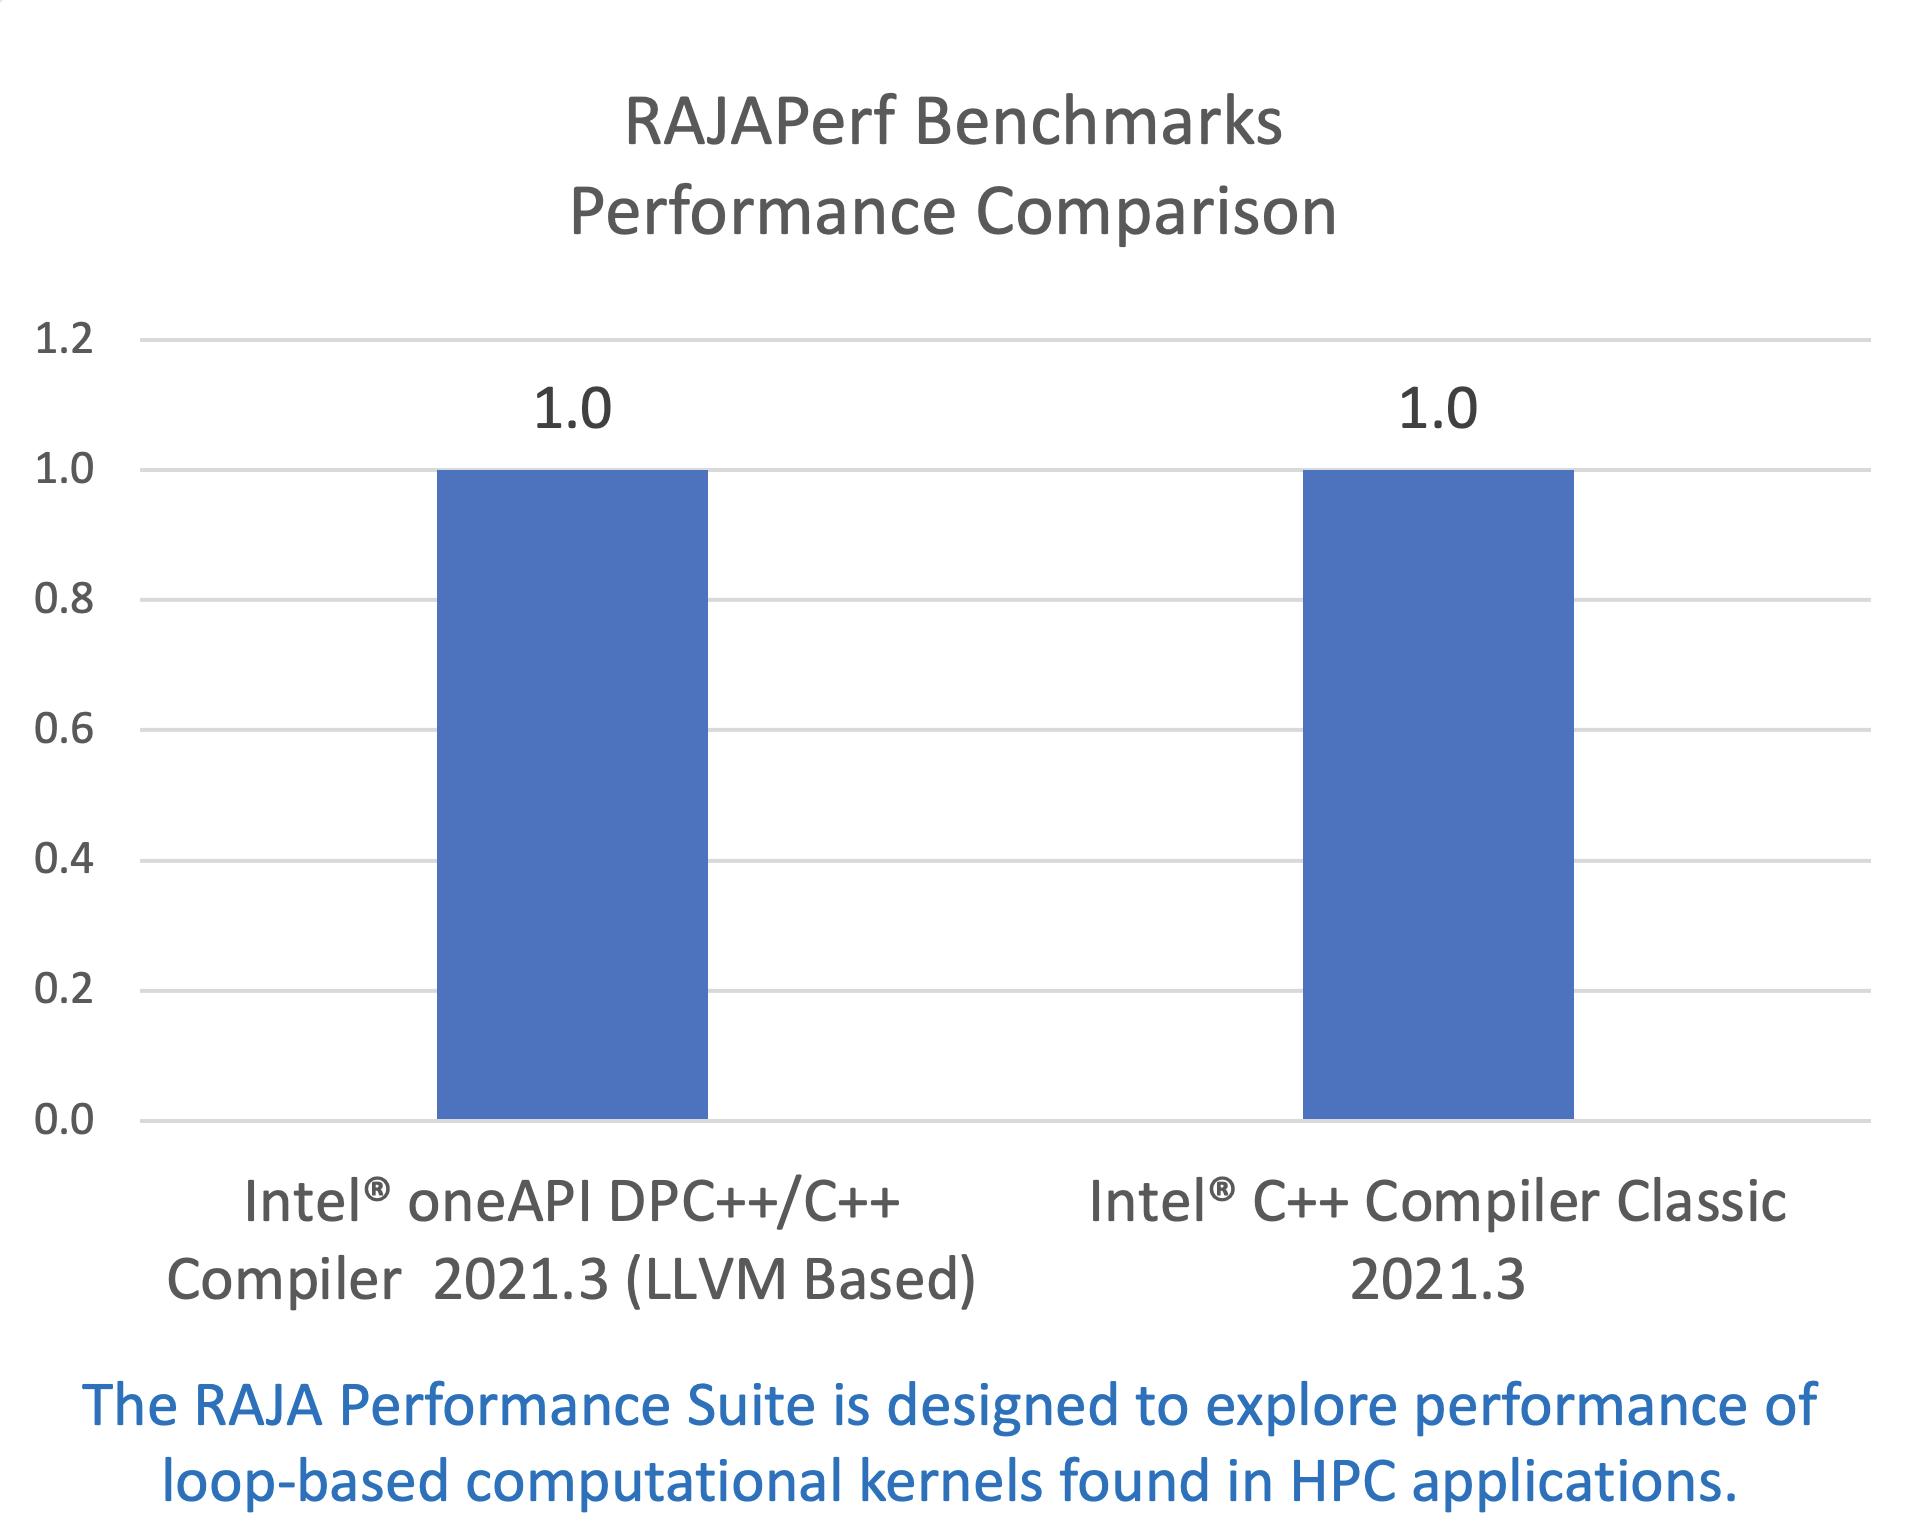 RAJA Performance Suite は、HPC アプリケーションにおけるループベースの計算カーネルのパフォーマンスを調査します。